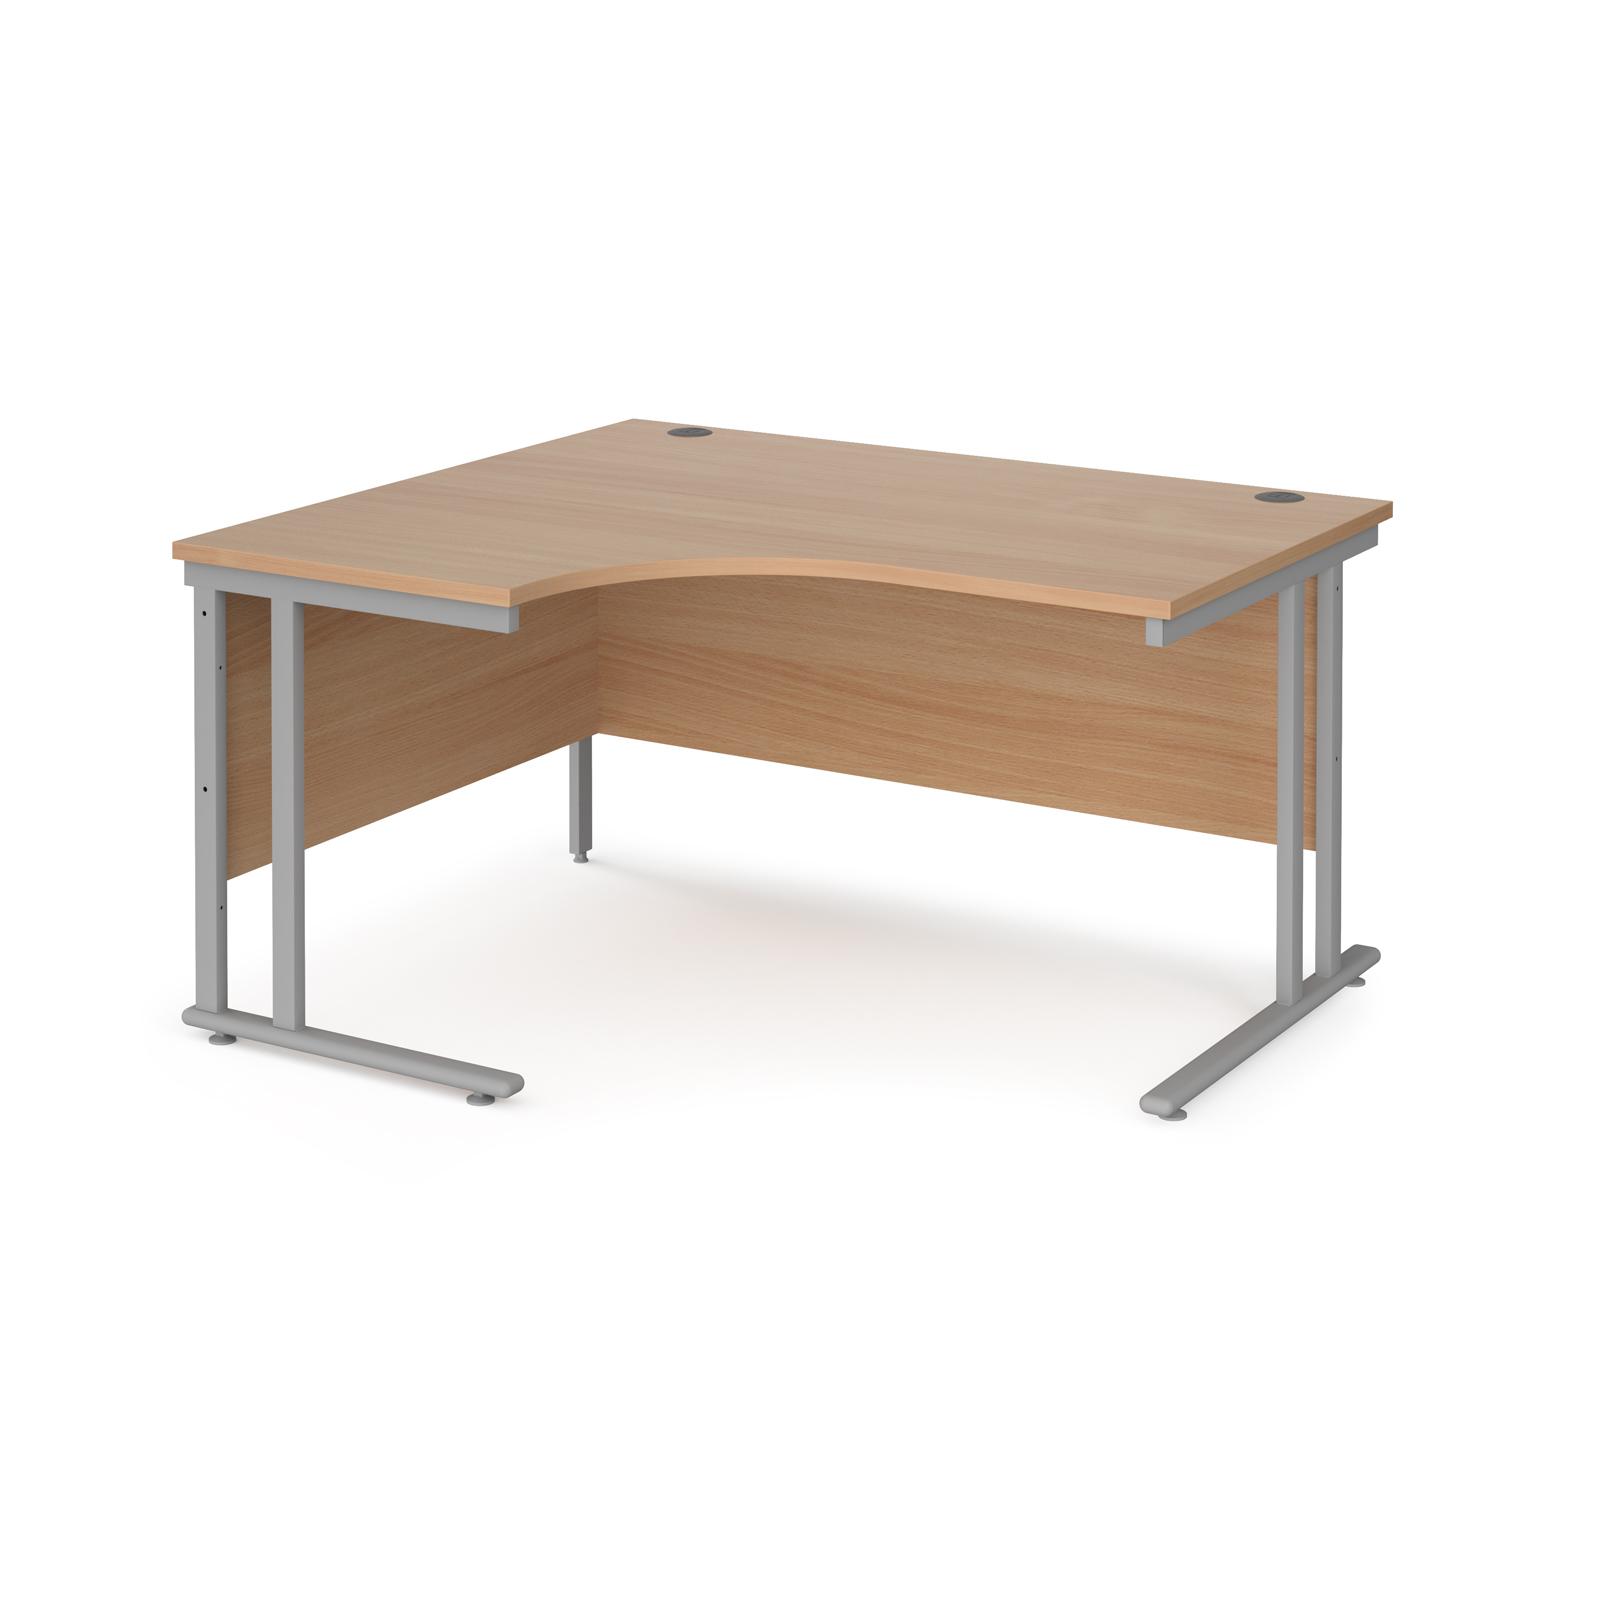 Left Handed Maestro 25 left hand ergonomic desk 1400mm wide - silver cantilever leg frame, beech top